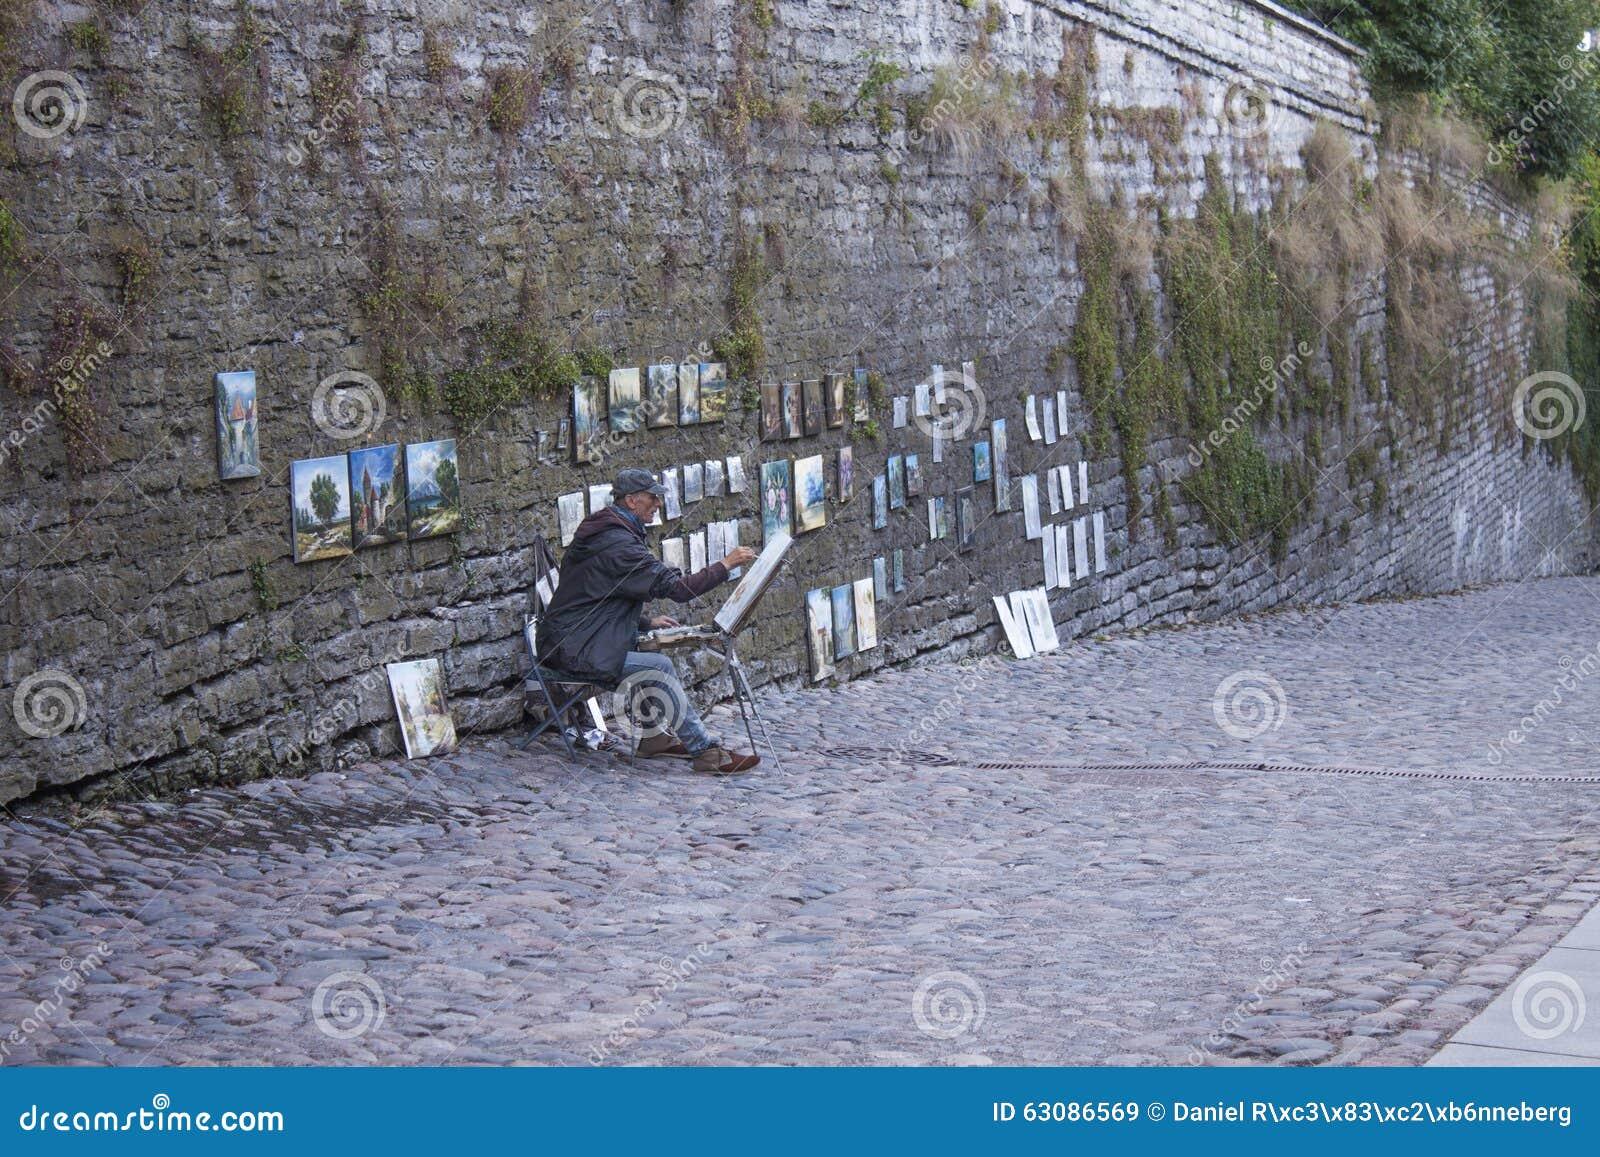 Download Peintures De Dessin D'artiste Image stock éditorial - Image du estonie, dessin: 63086569